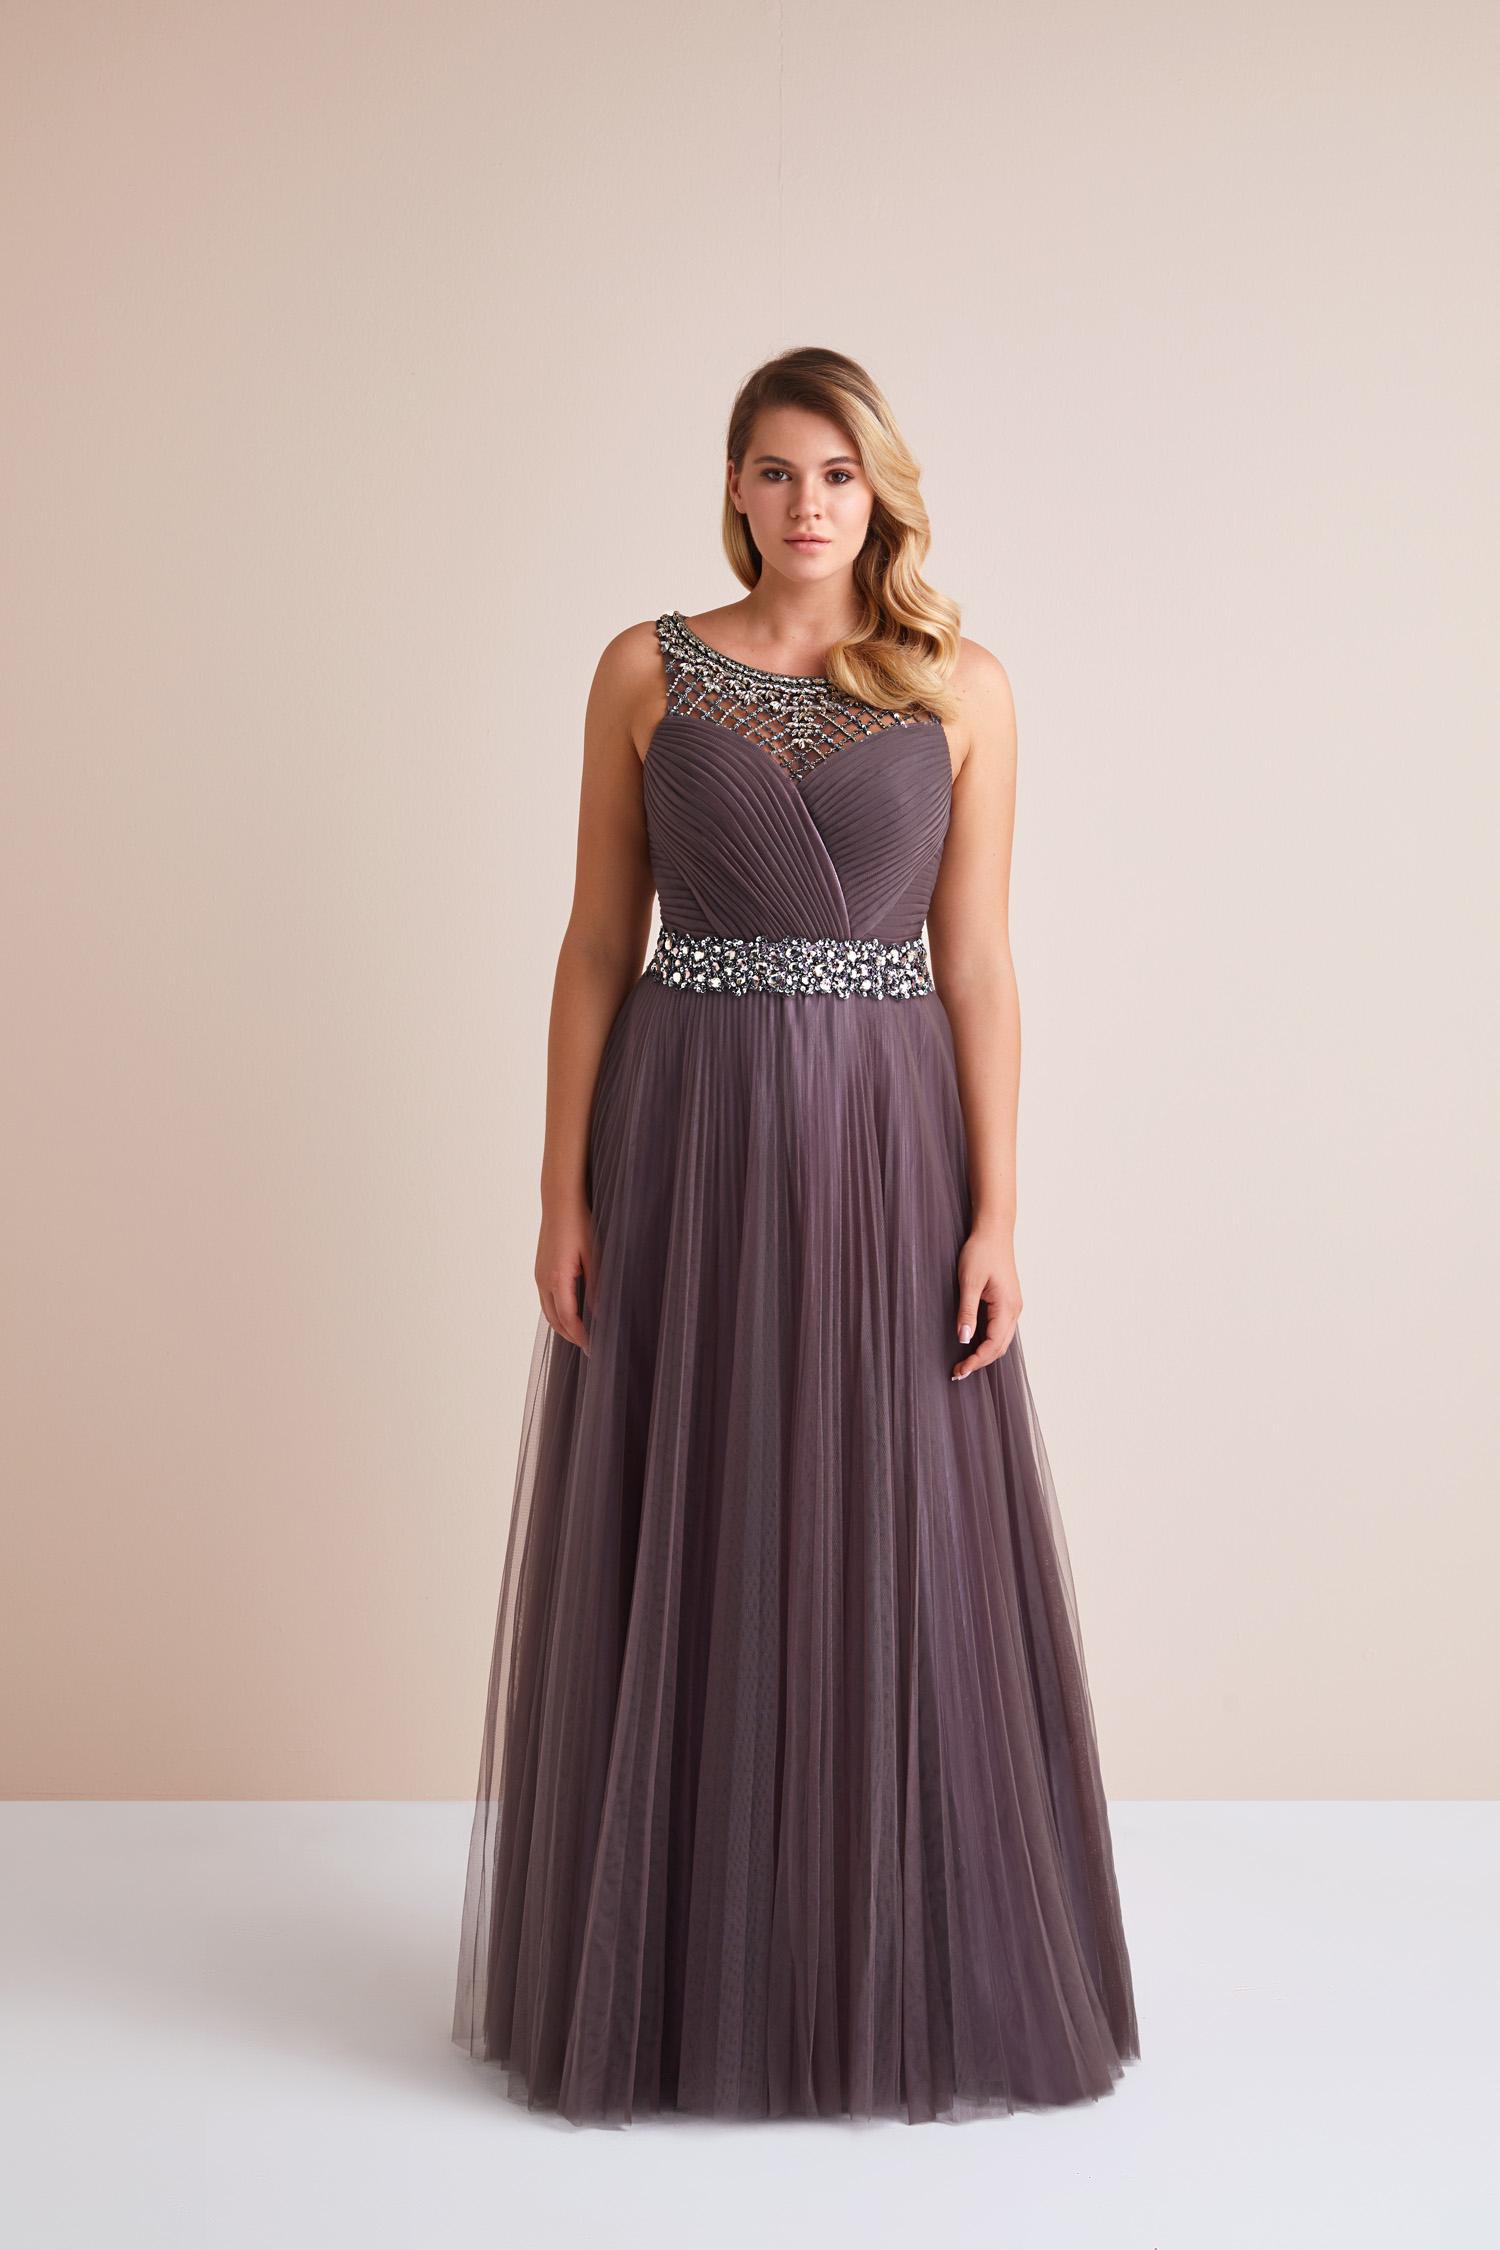 Pastel Mor Askılı Taş İşlemeli Uzun Tül Etekli Büyük Beden Abiye Elbise - Thumbnail